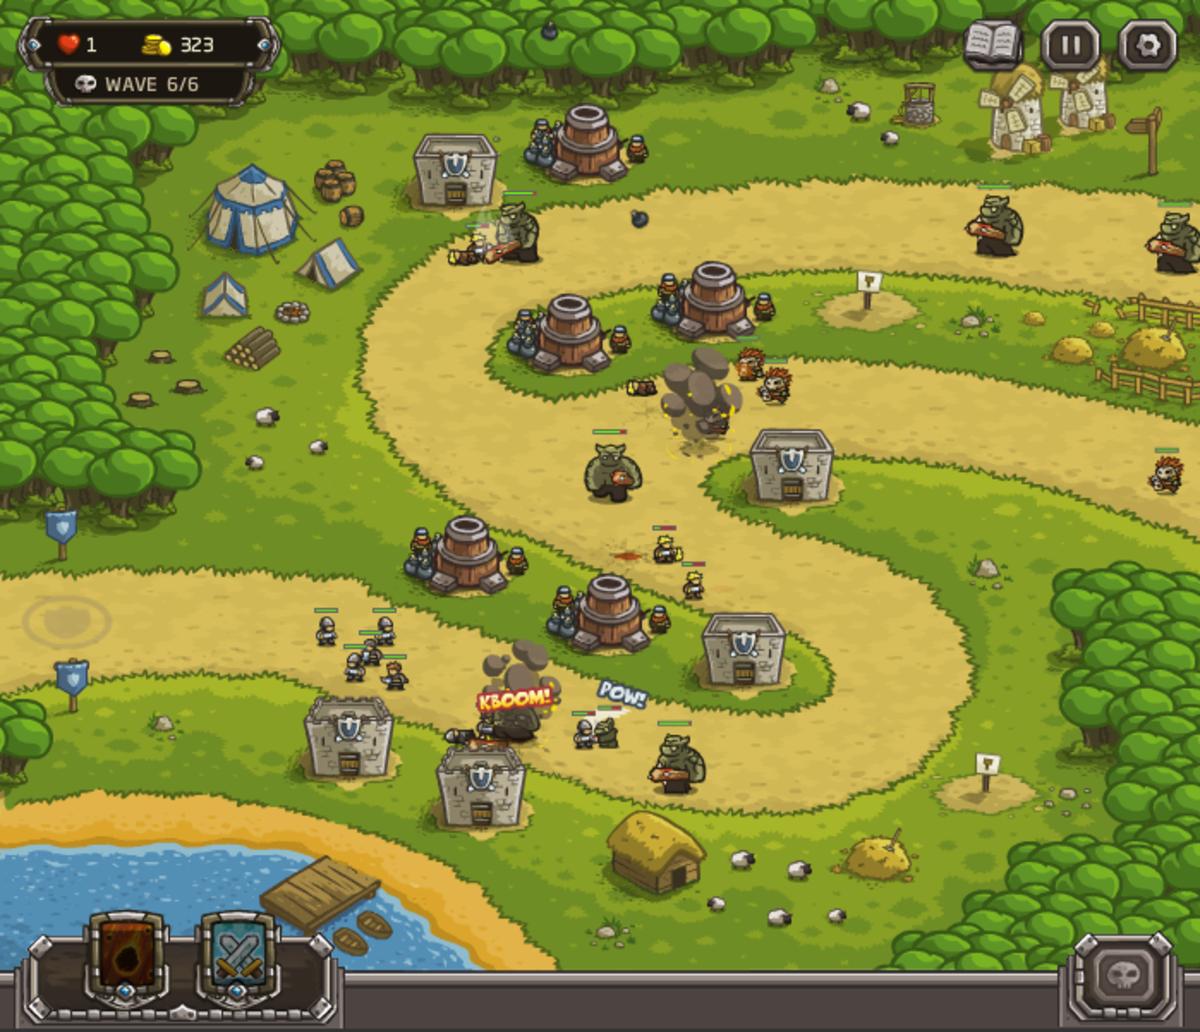 kingdom-rush-walkthrough-level-3-pagras